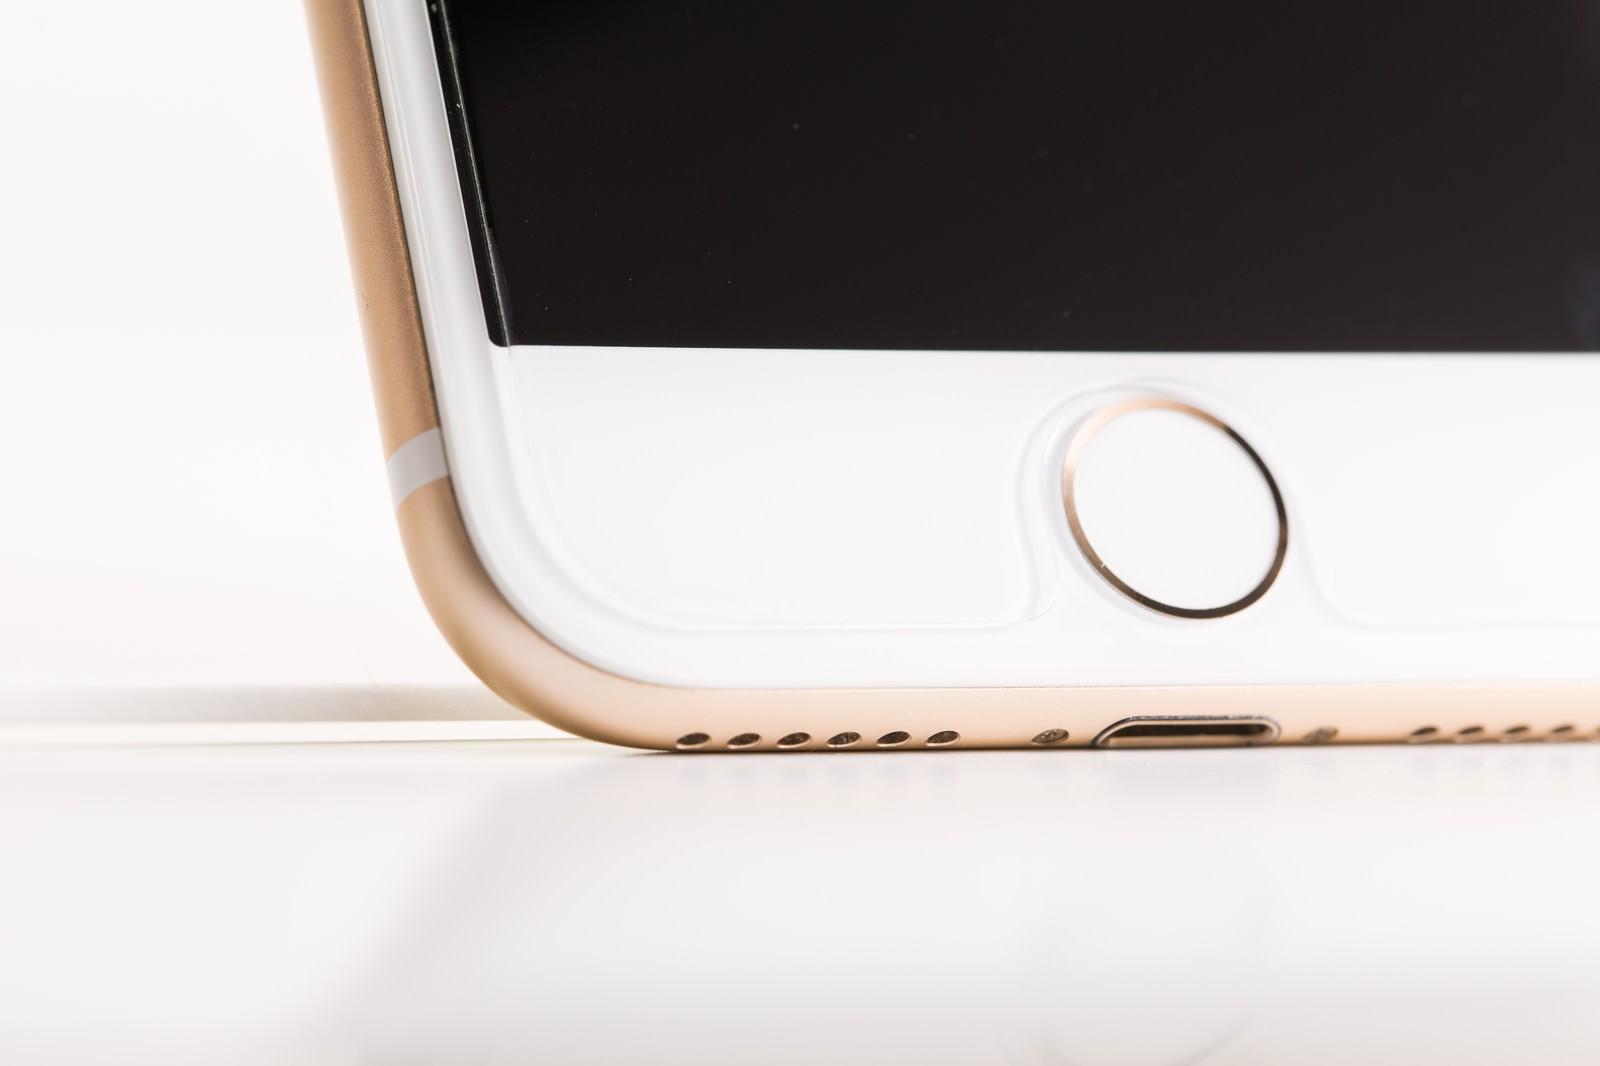 「アンテナラインの帯と物理ボタン(ホームボタン)」の写真